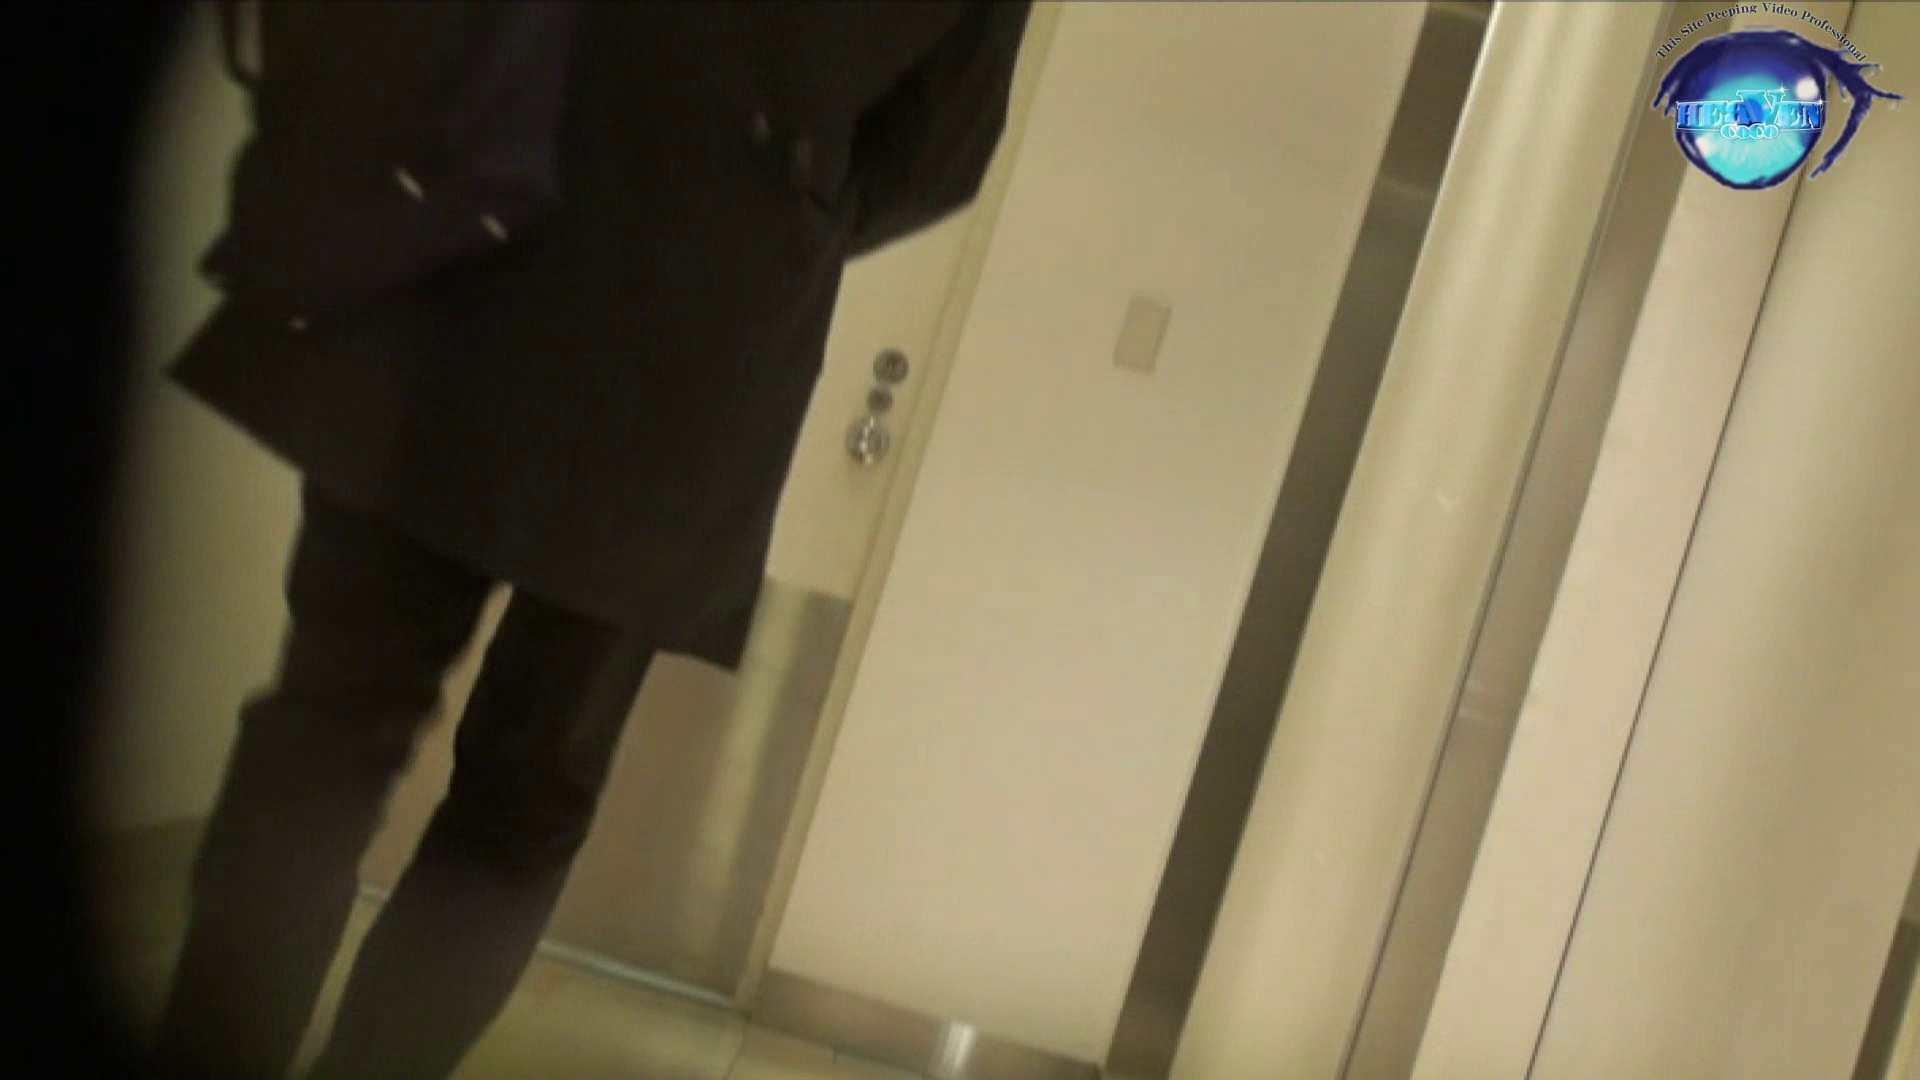 飛び出す黄金水!!!アトレ潜入 かわや盗撮 vol.07 綺麗なOLたち われめAV動画紹介 52枚 20